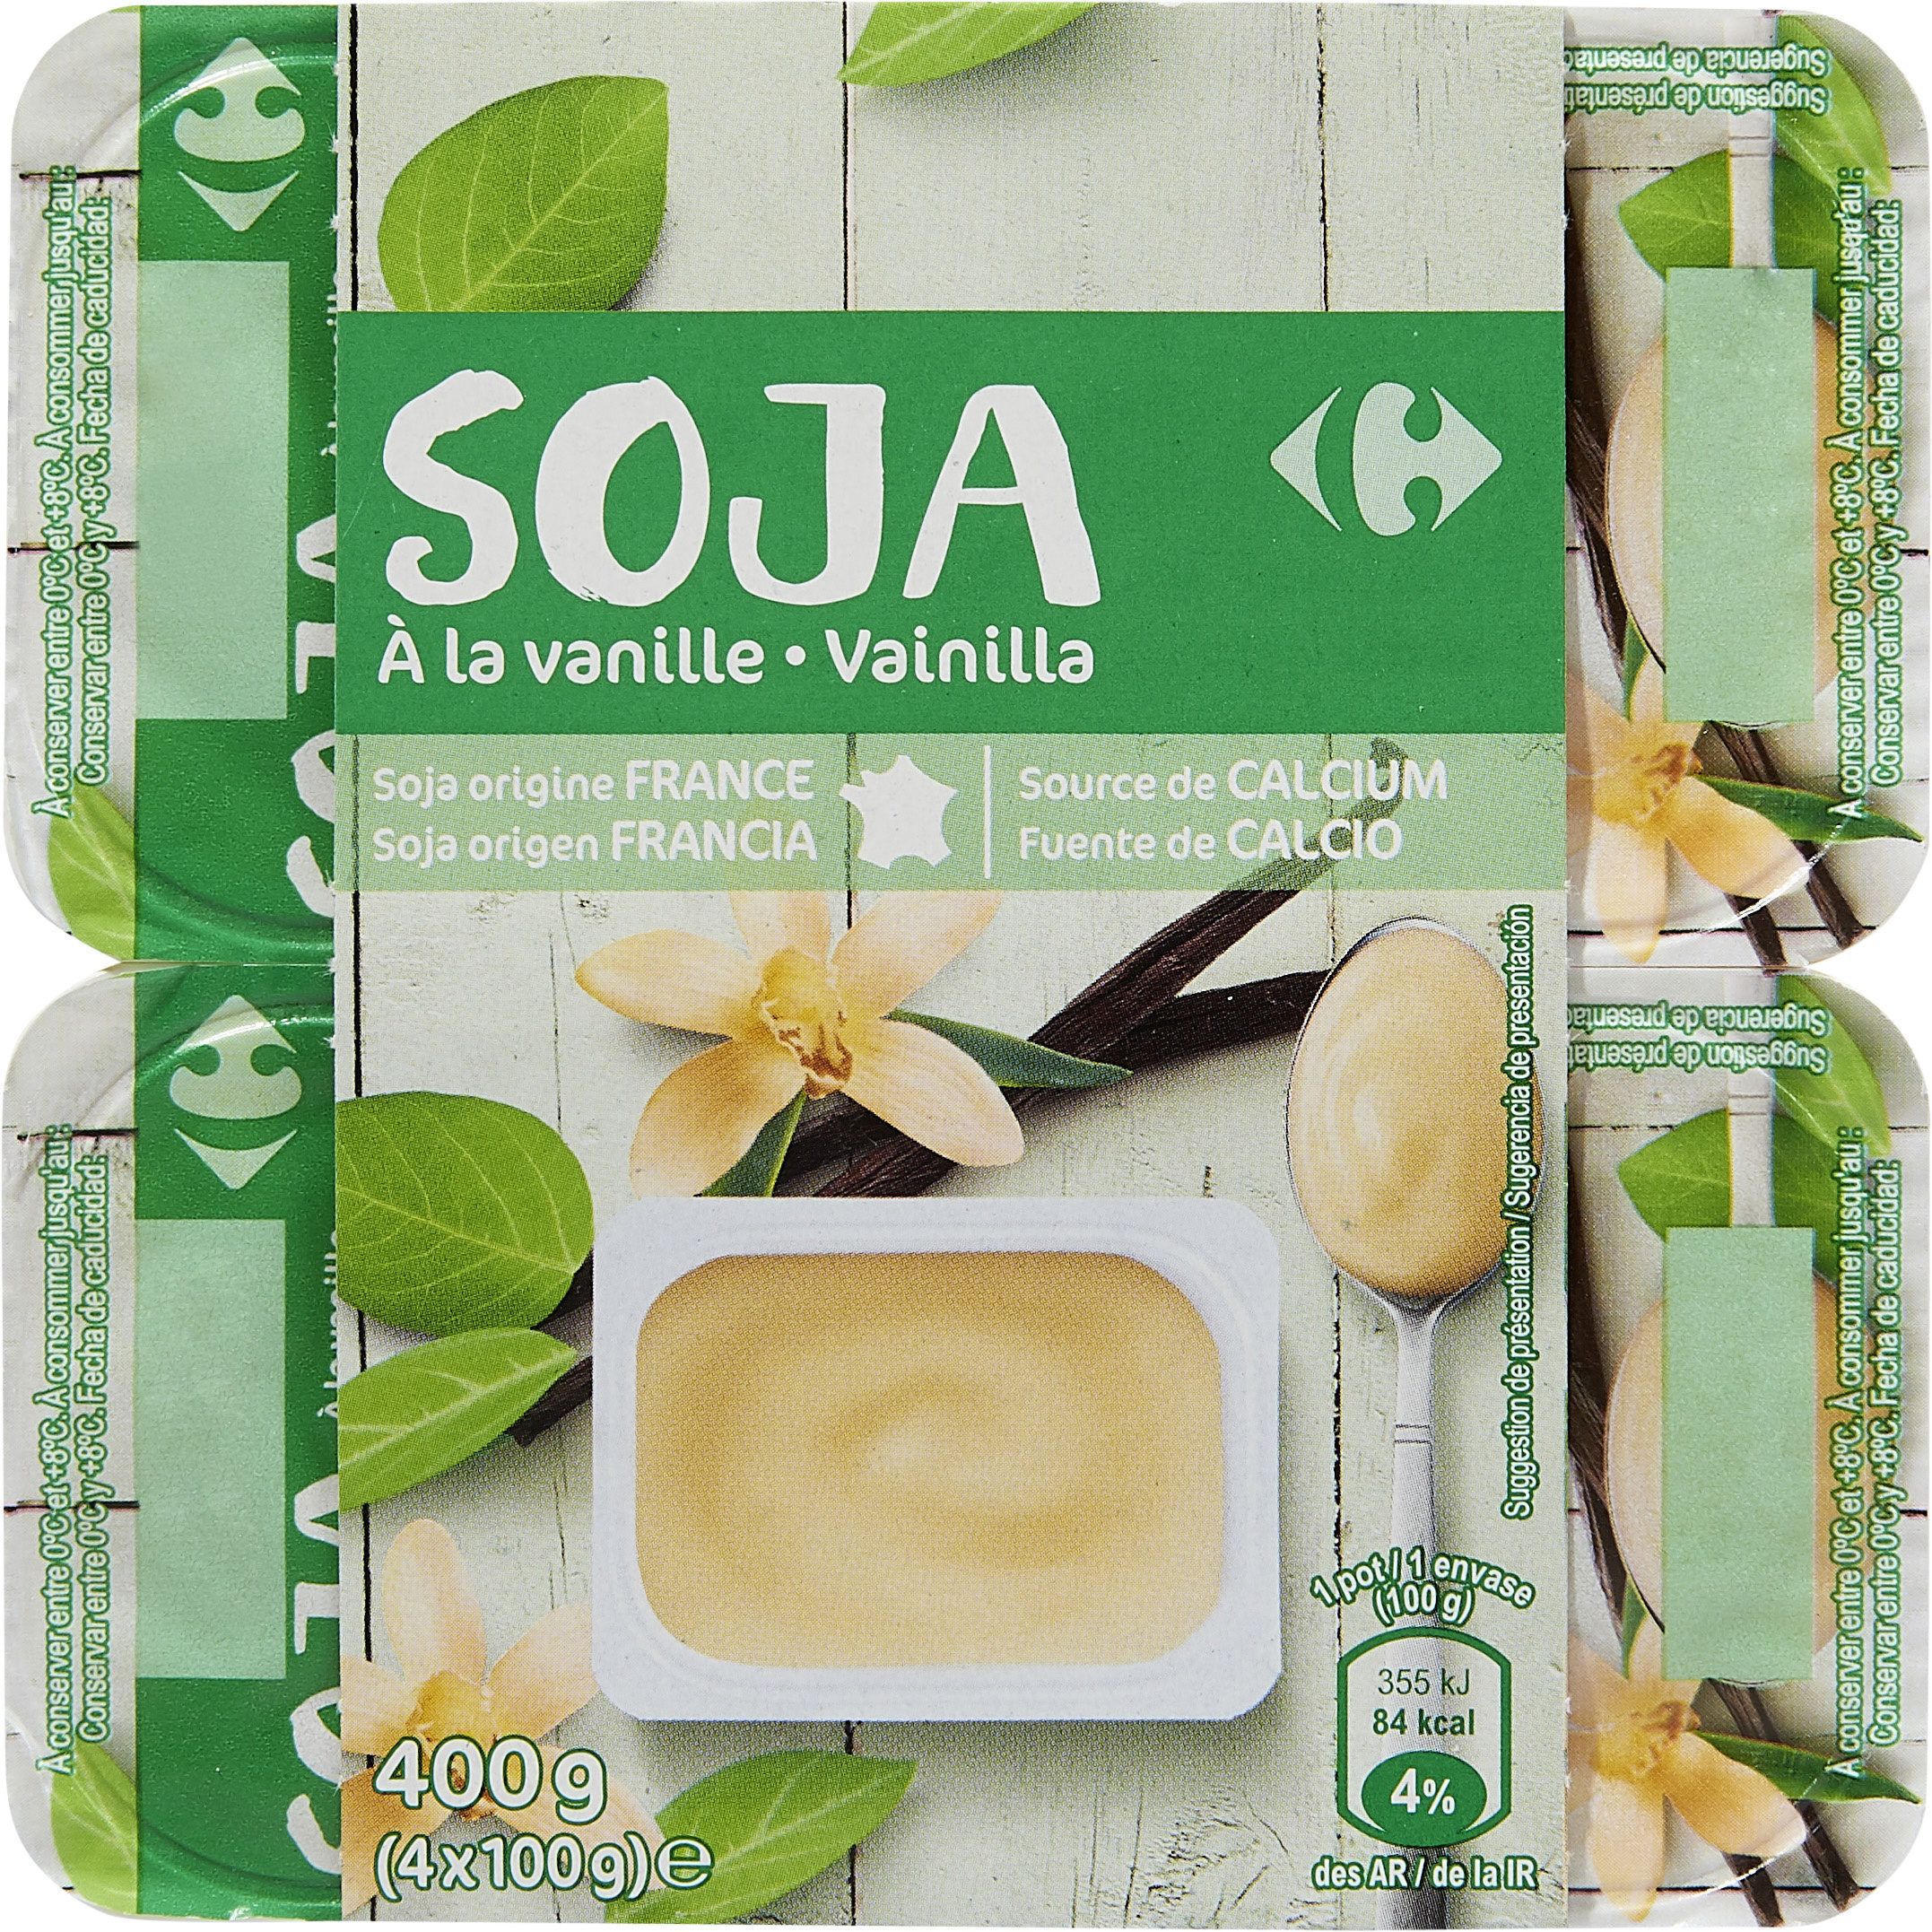 Postre de soja a la vainilla - Producte